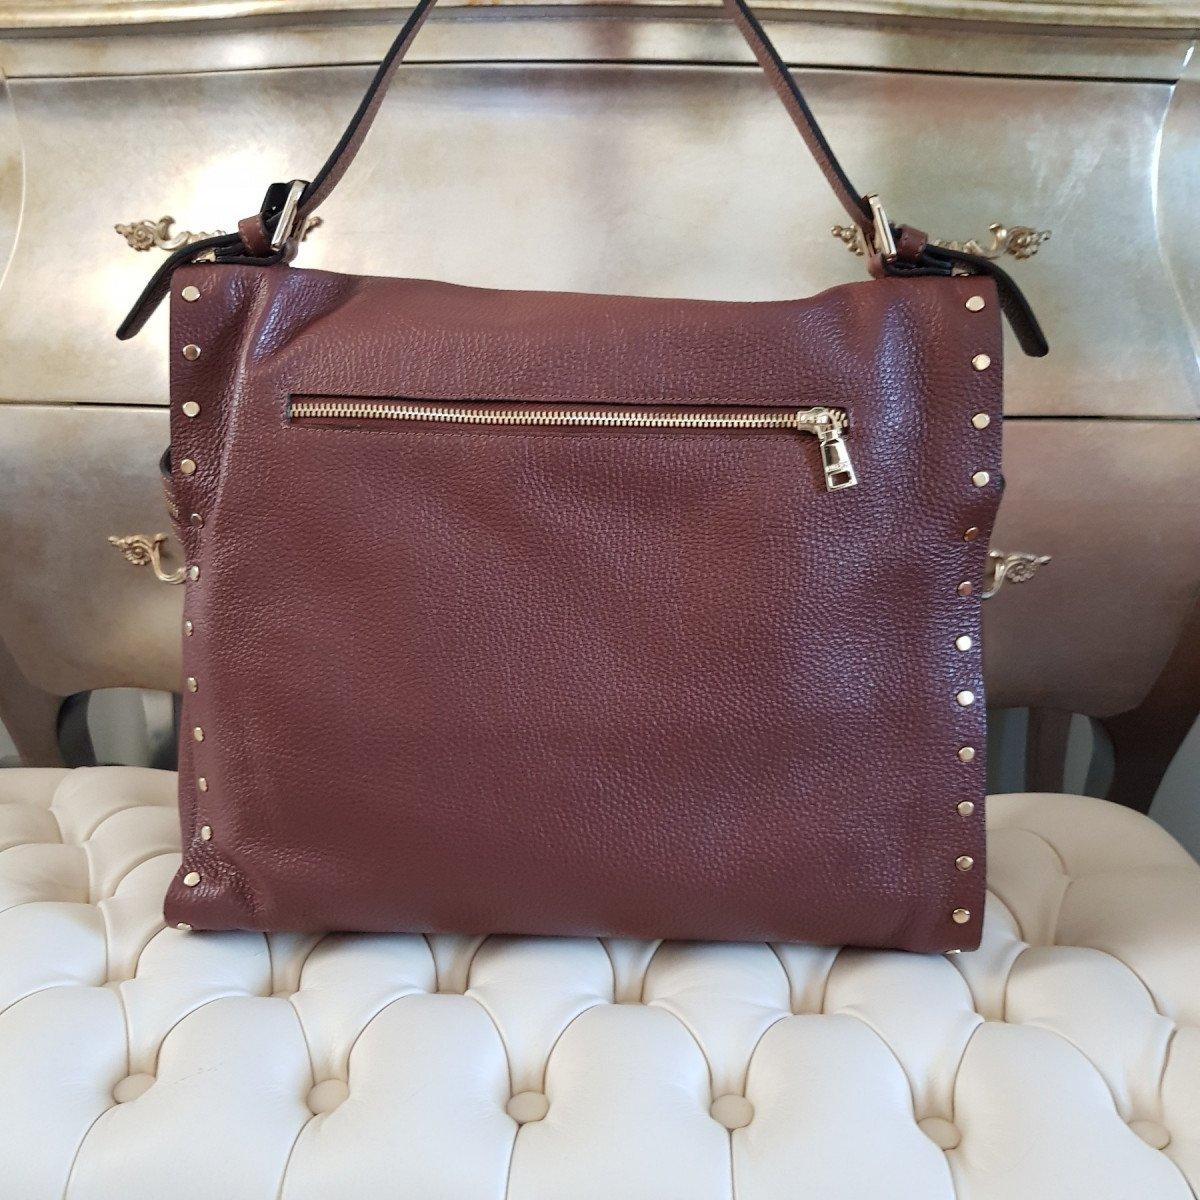 Женская кожаная сумка Ripani 2375OO.00060 Mandorla из натуральной кожи